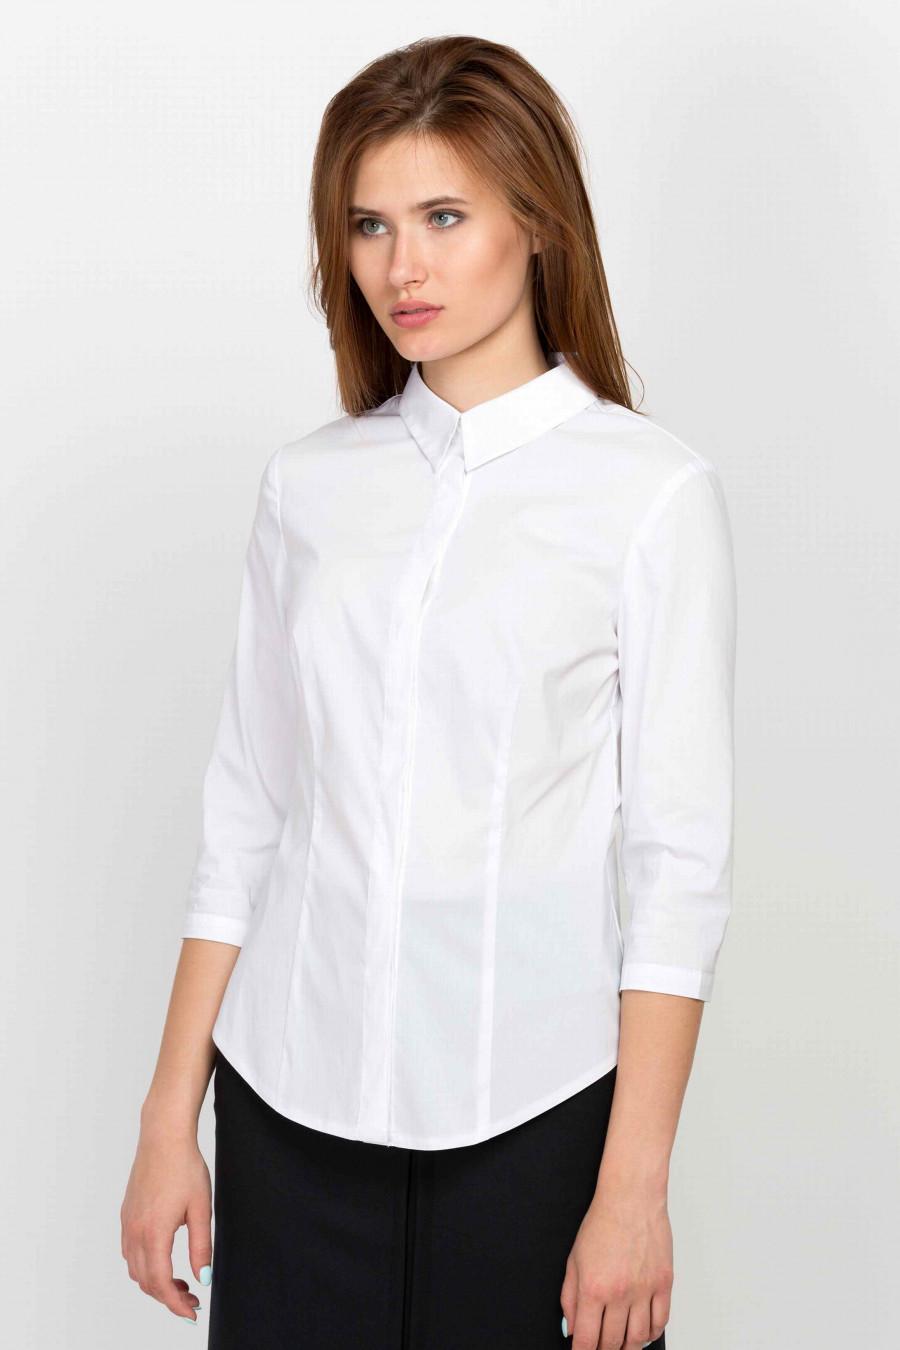 Белые Блузки Купить Новосибирск